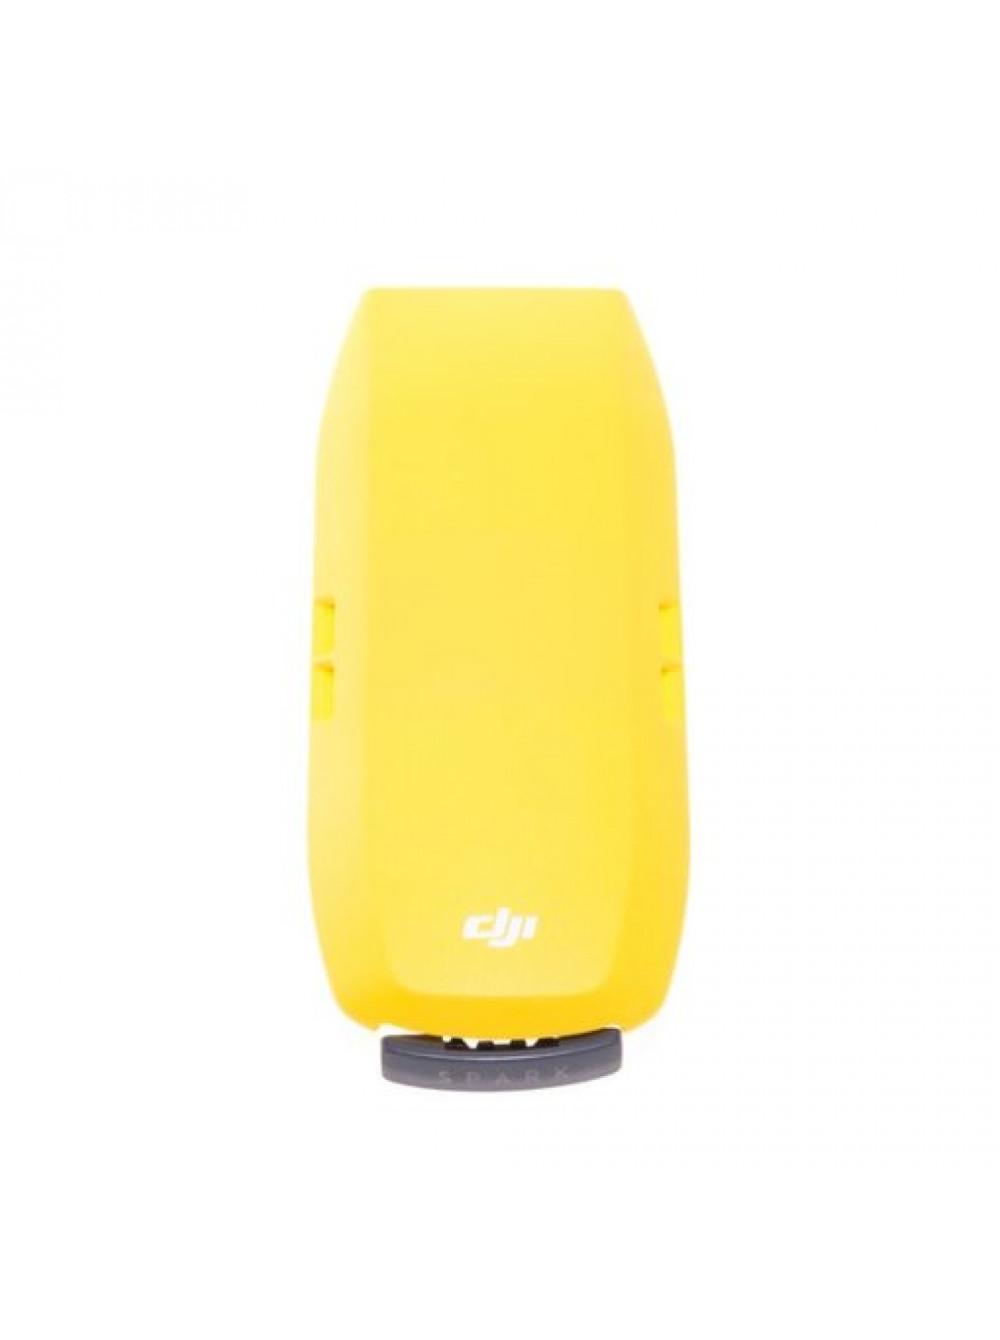 Верхняя крышка DJI Spark (желтая)